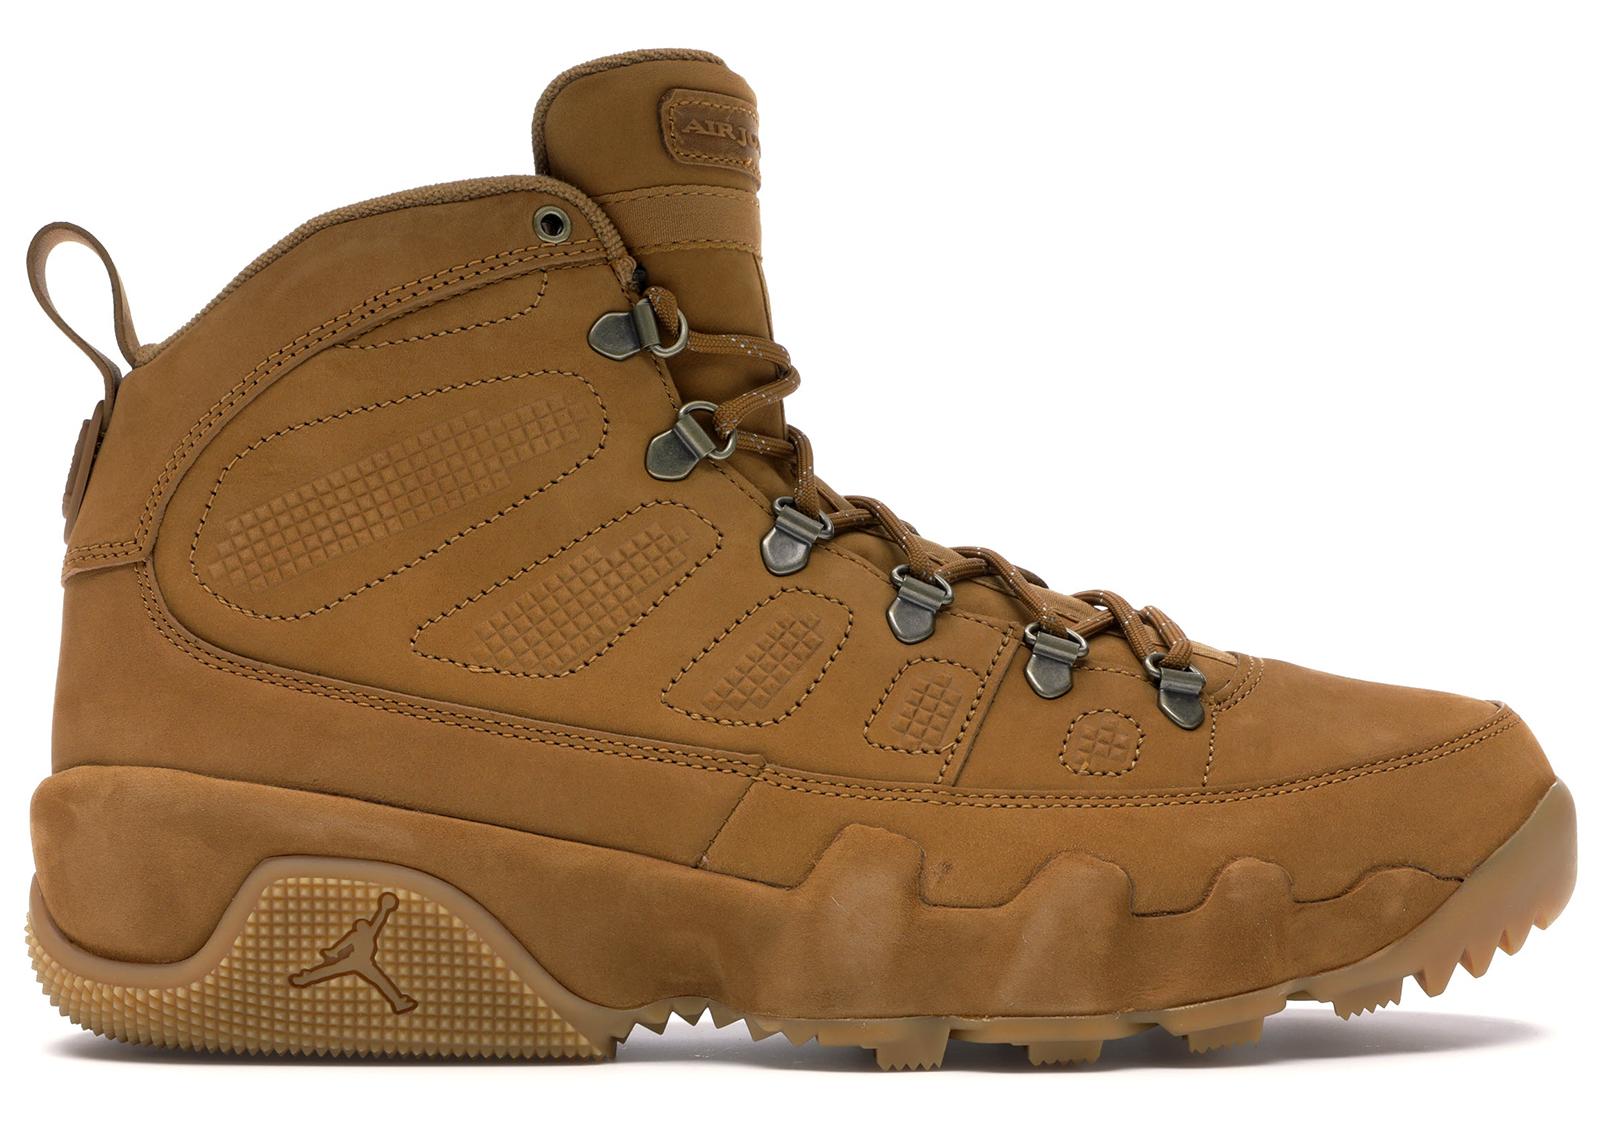 Jordan 9 Retro Boot Wheat - AR4491-700